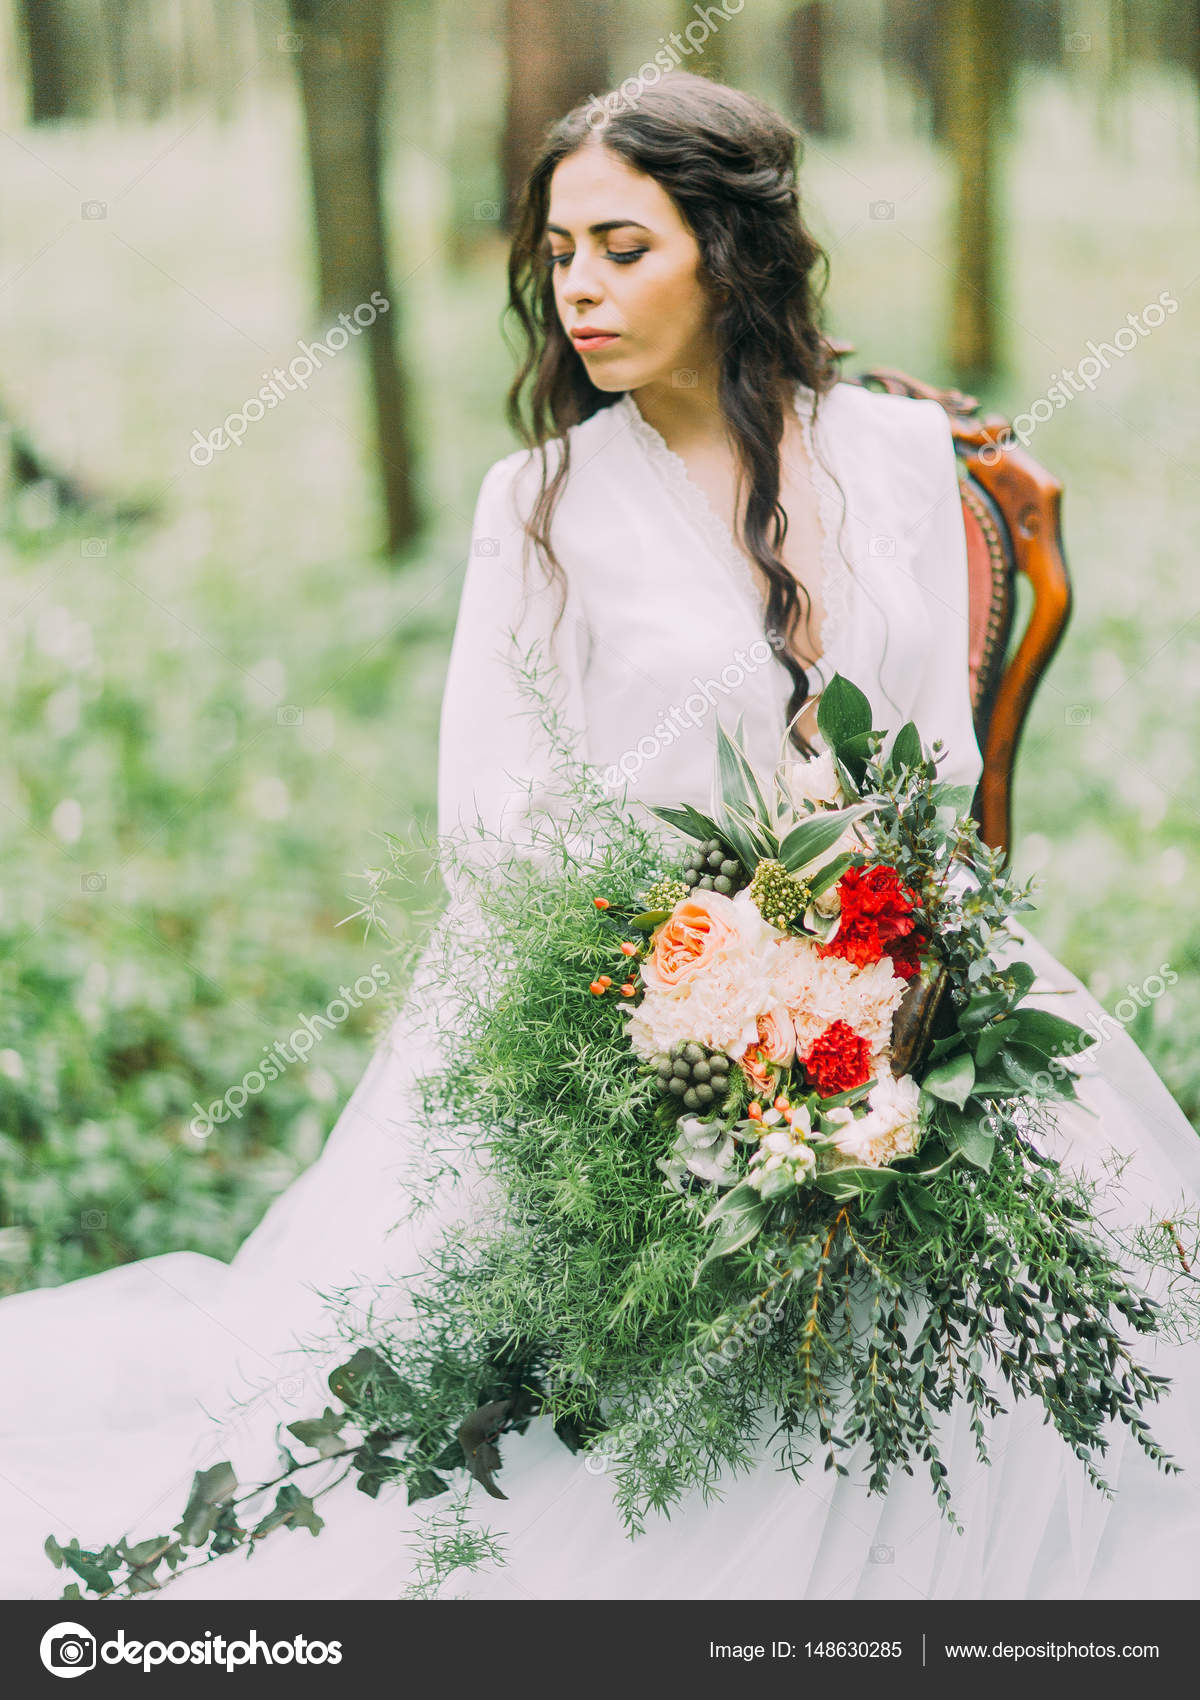 Vestido de novia blanco con verde